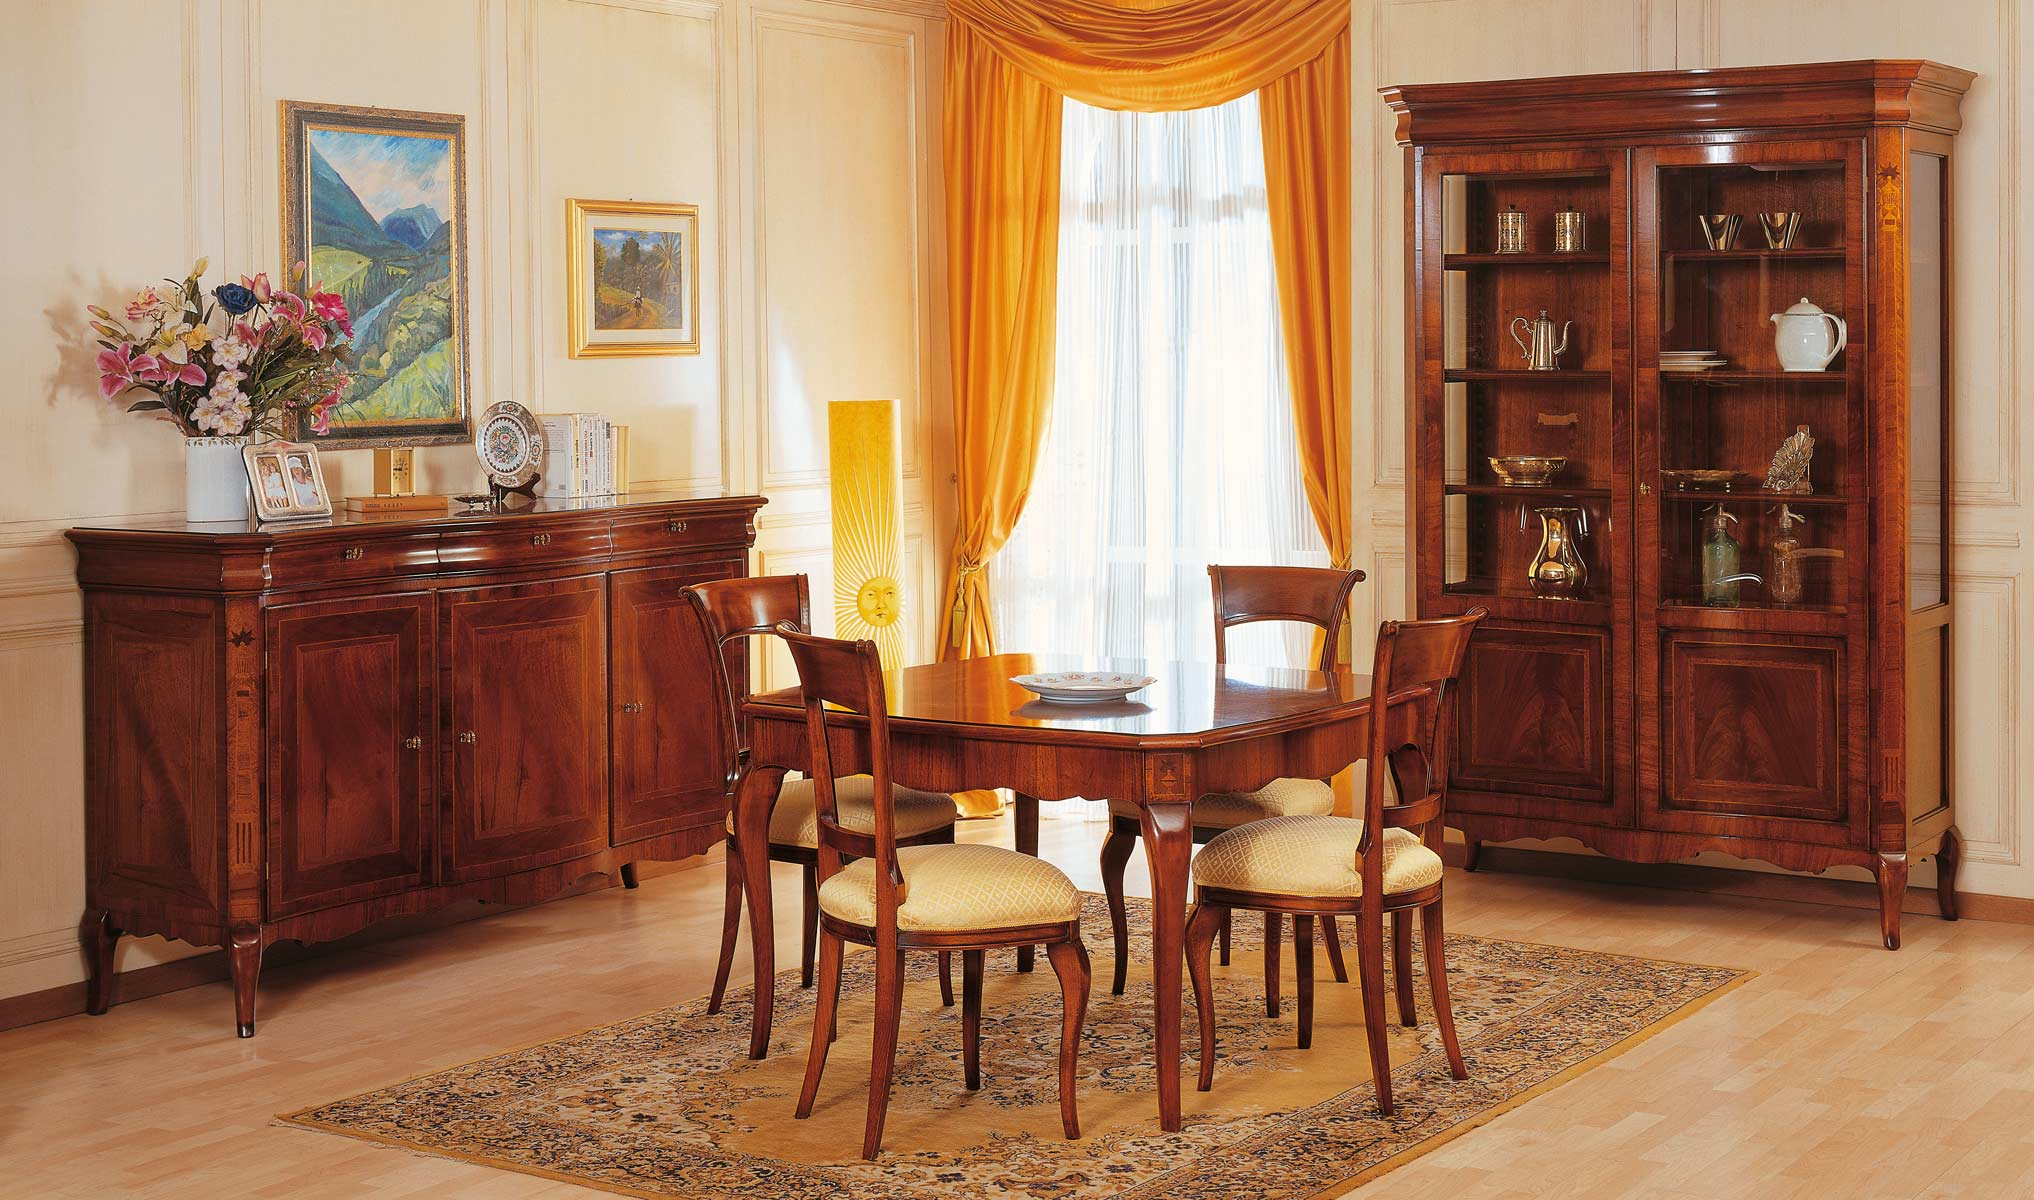 Sala Da Pranzo In Stile 800 Francese Vimercati Meda #BA8911 2034 1200 Sala Da Pranzo Spagnolo